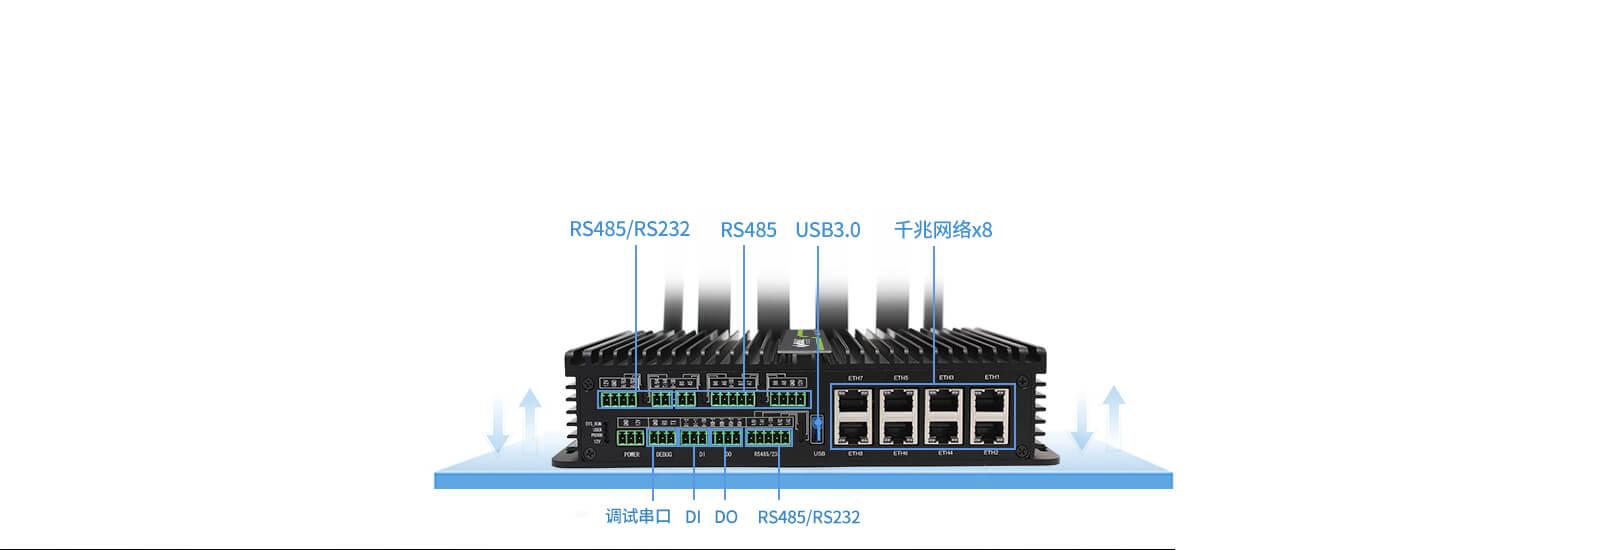 5Gzhi能网关控制与采集端口